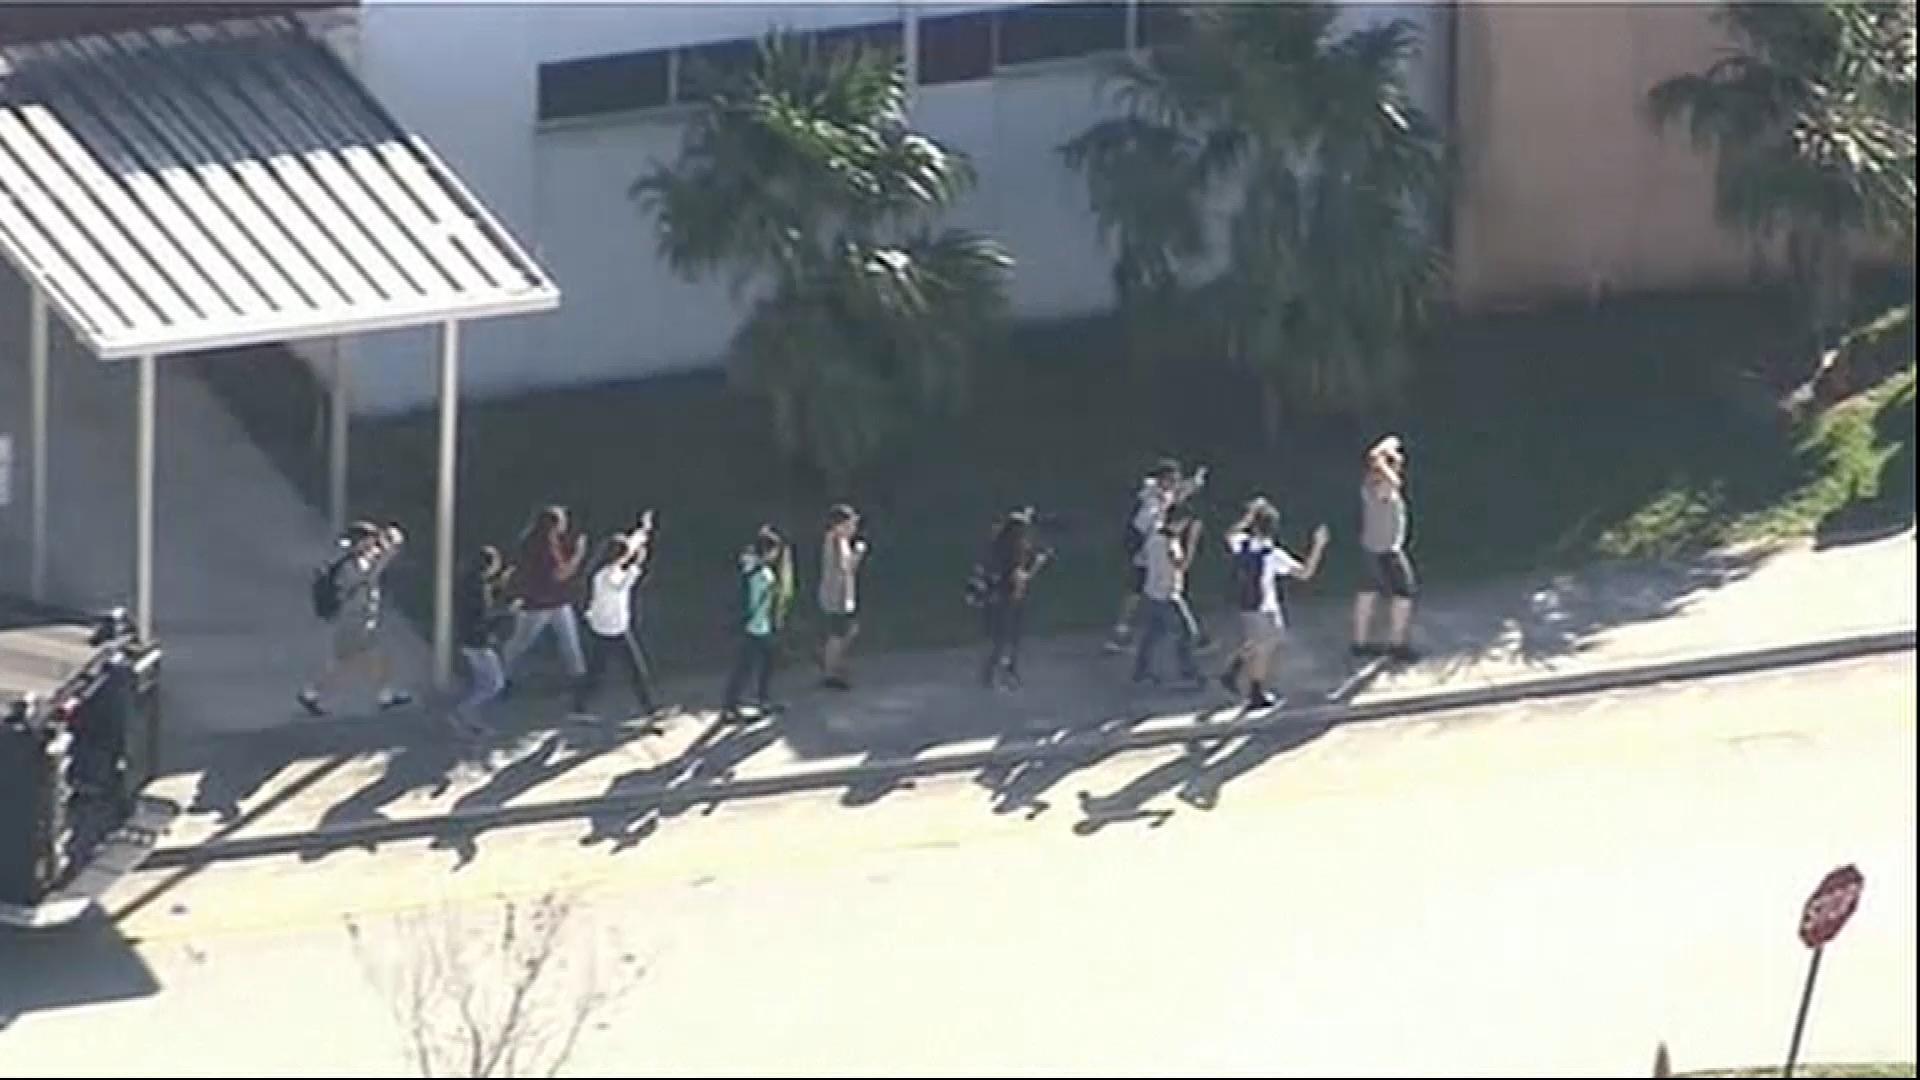 Agresivní, tichý a stydlivý, popsala střelce z floridské školy jeho bývalá spolužačka. Mladík za sebou nechal 17 mrtvých